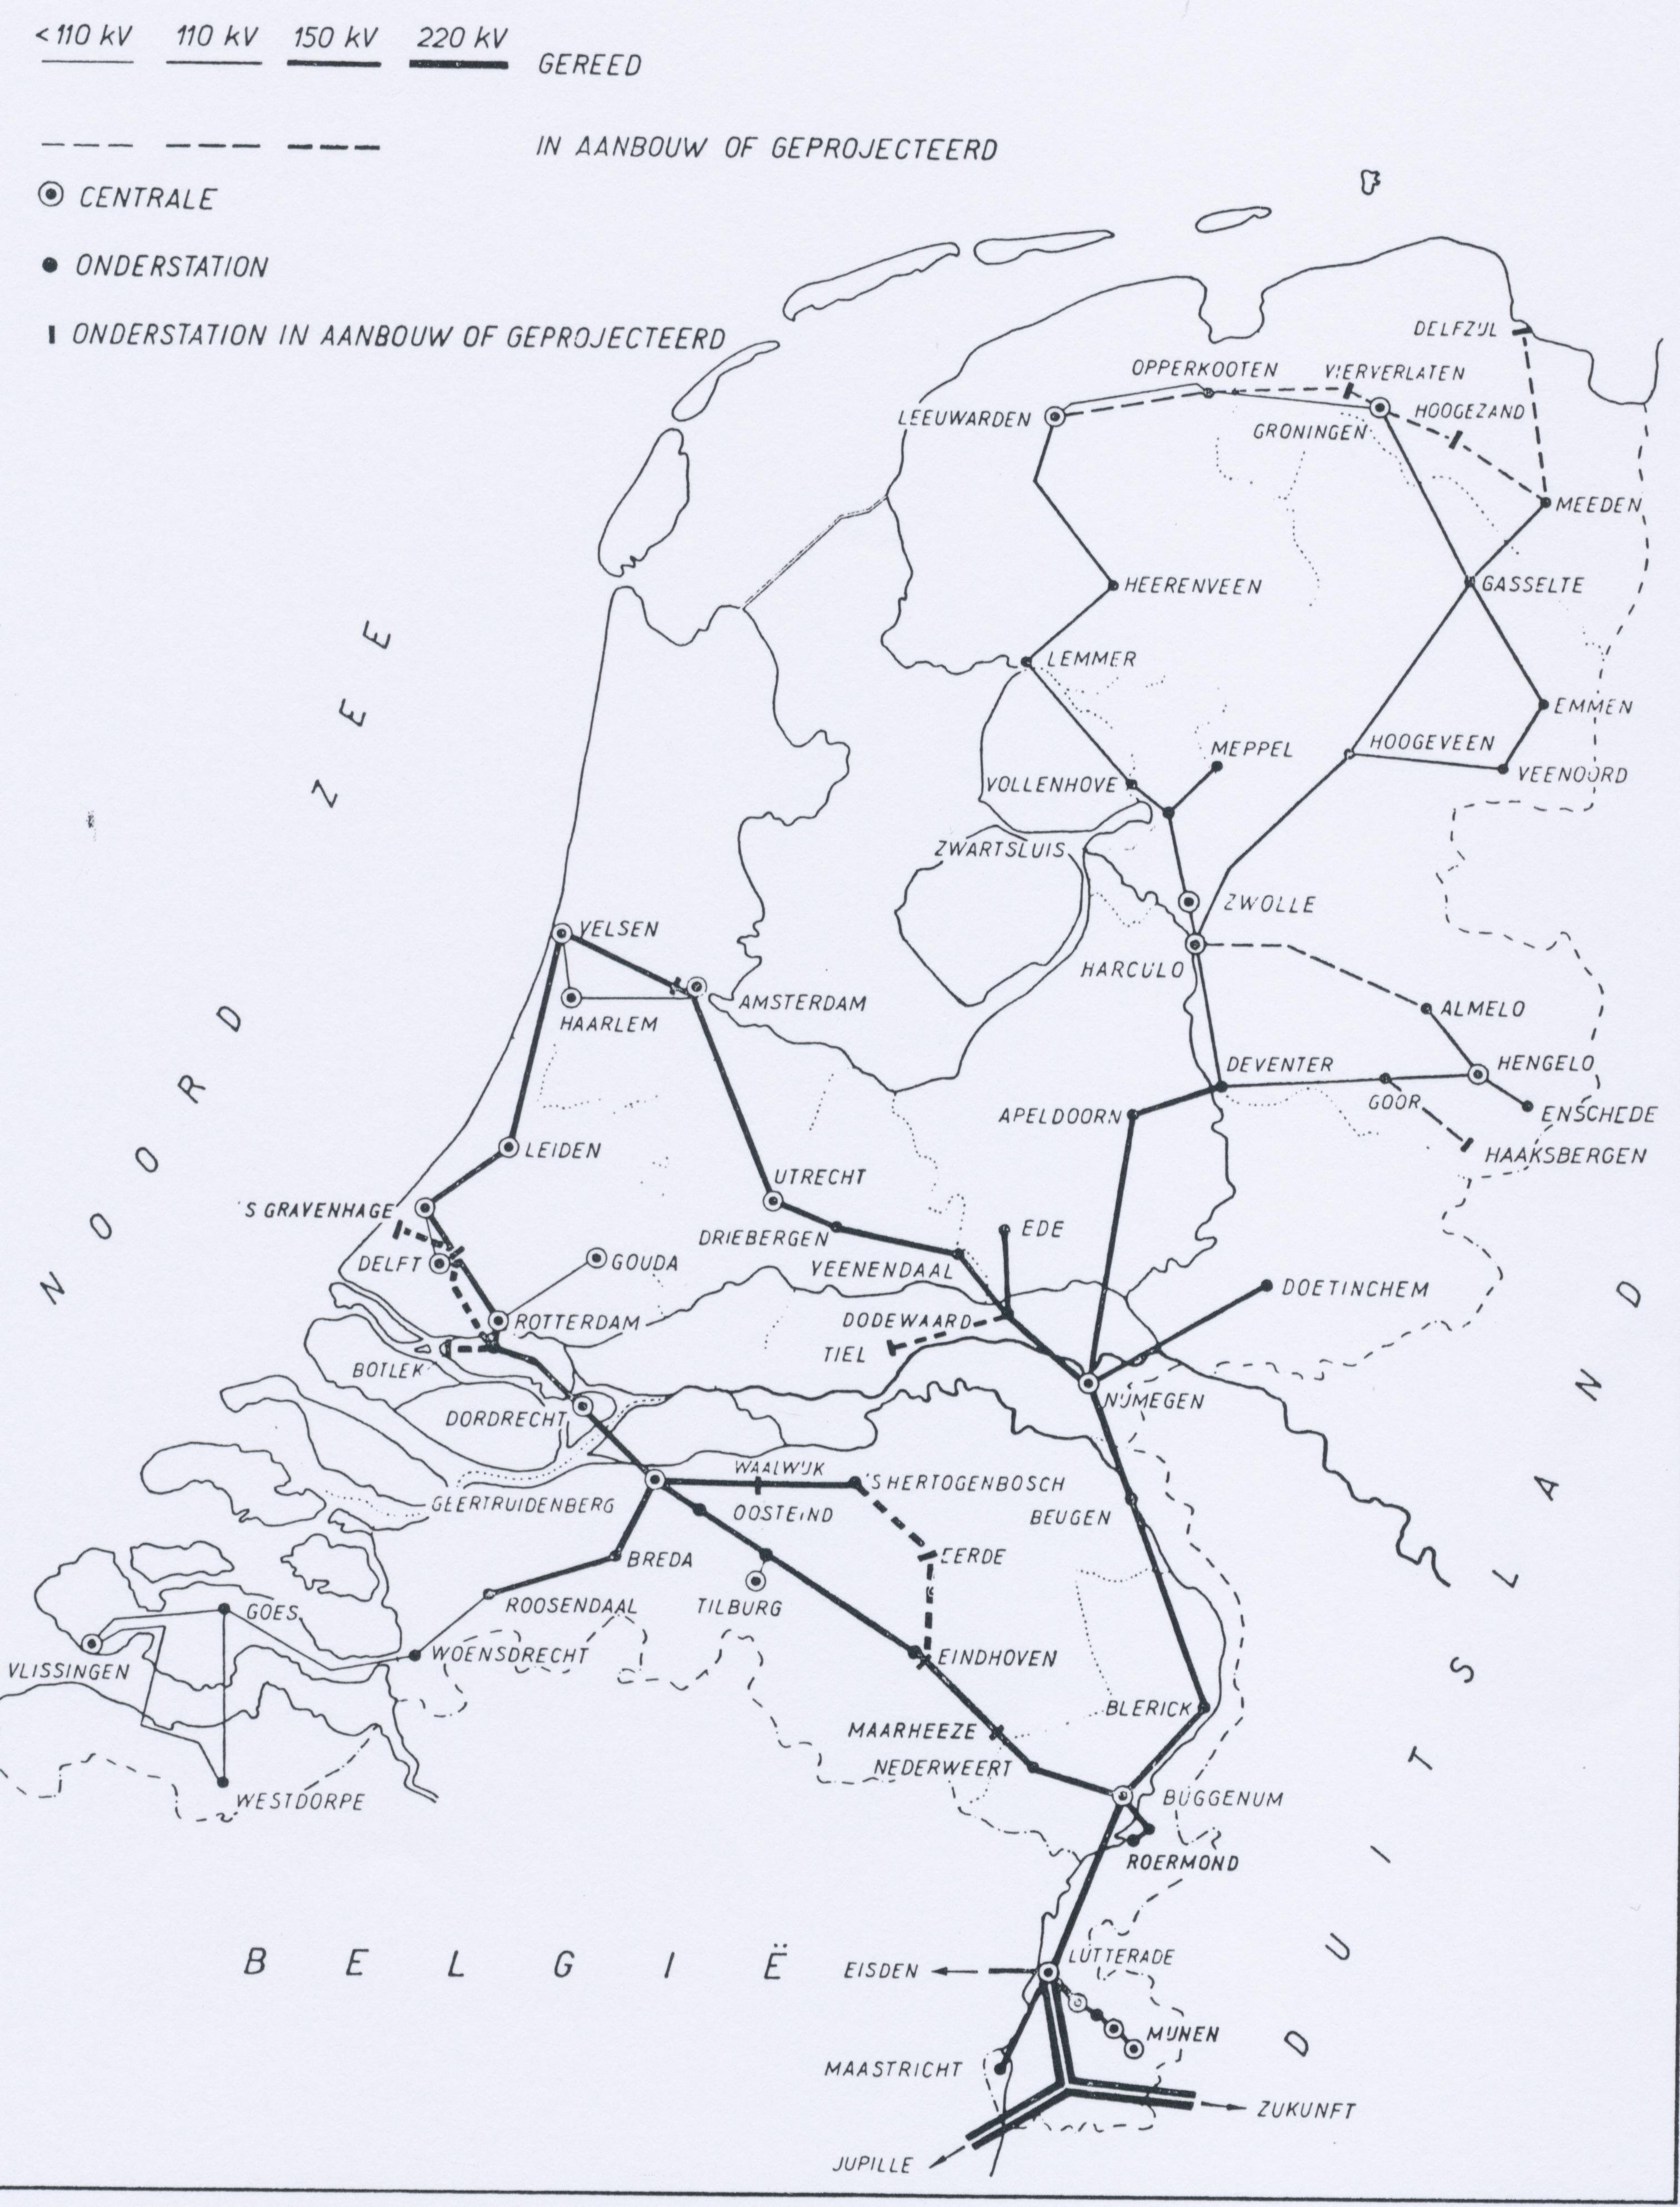 Netkaart 1957